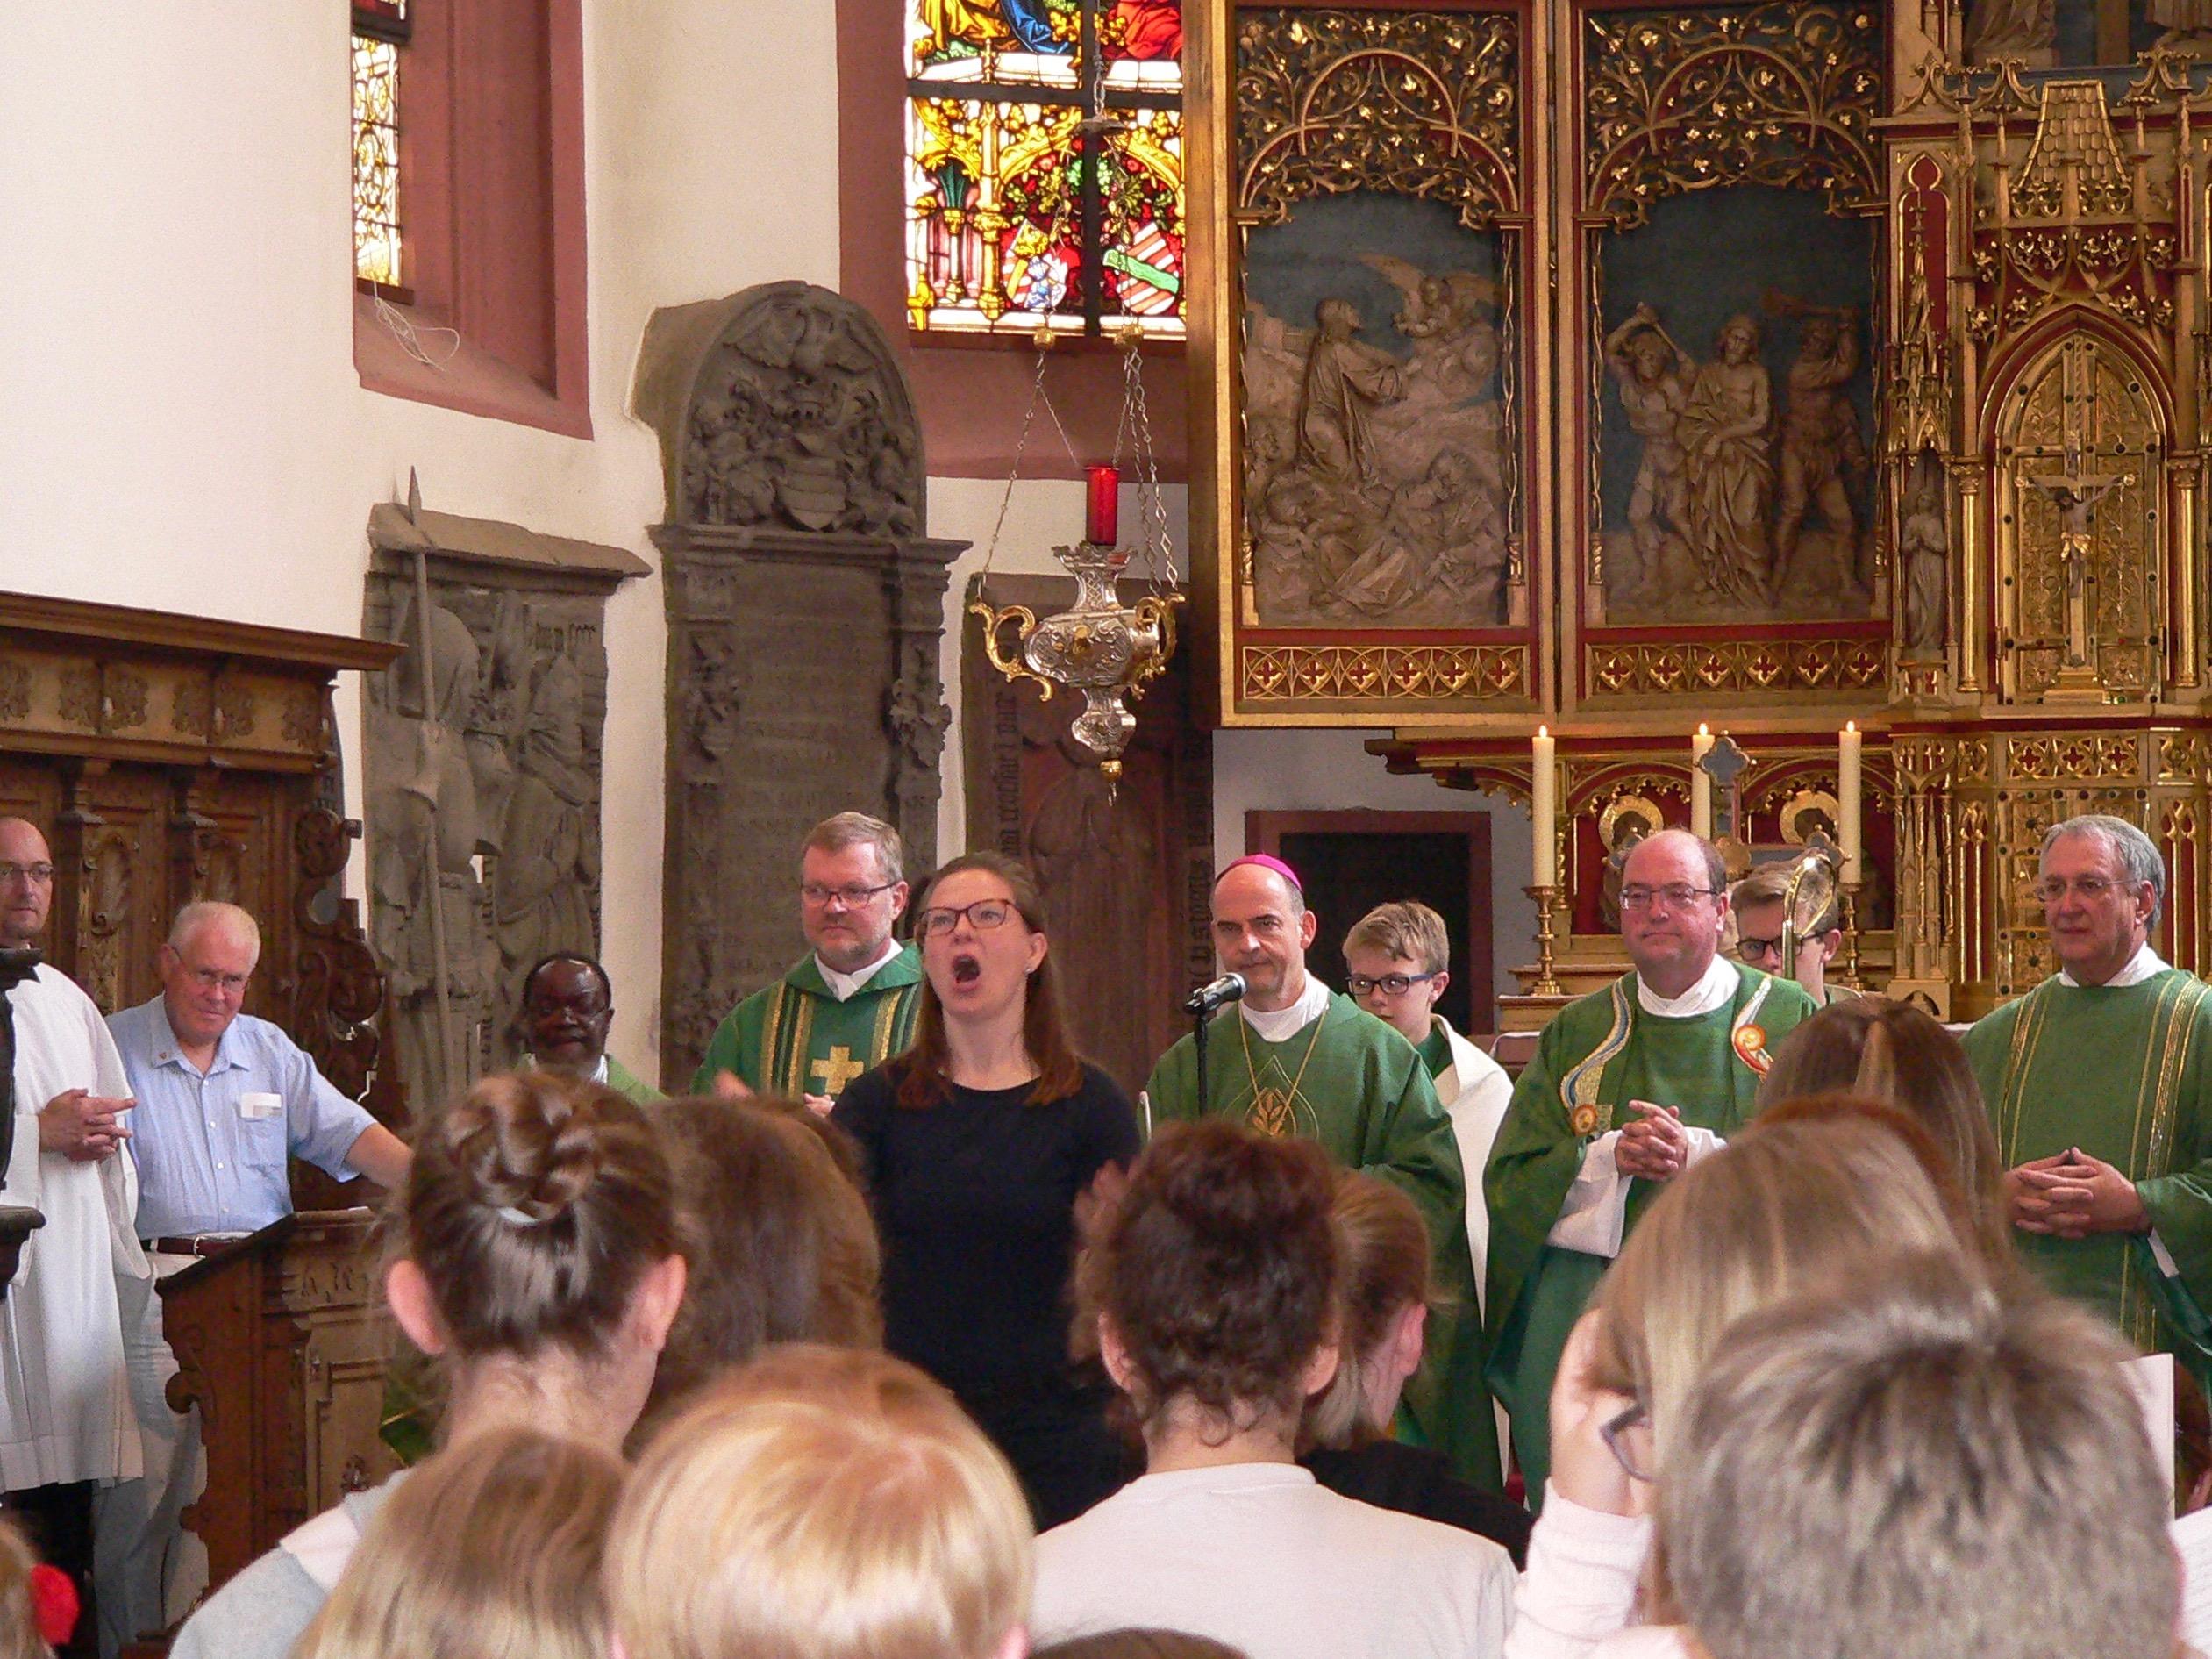 Mädchen und Jungen singen unter der Leitung von Diözesanchordirektorin Anke Willwohl zur Ehre Gottes. | Foto: B. Schneider